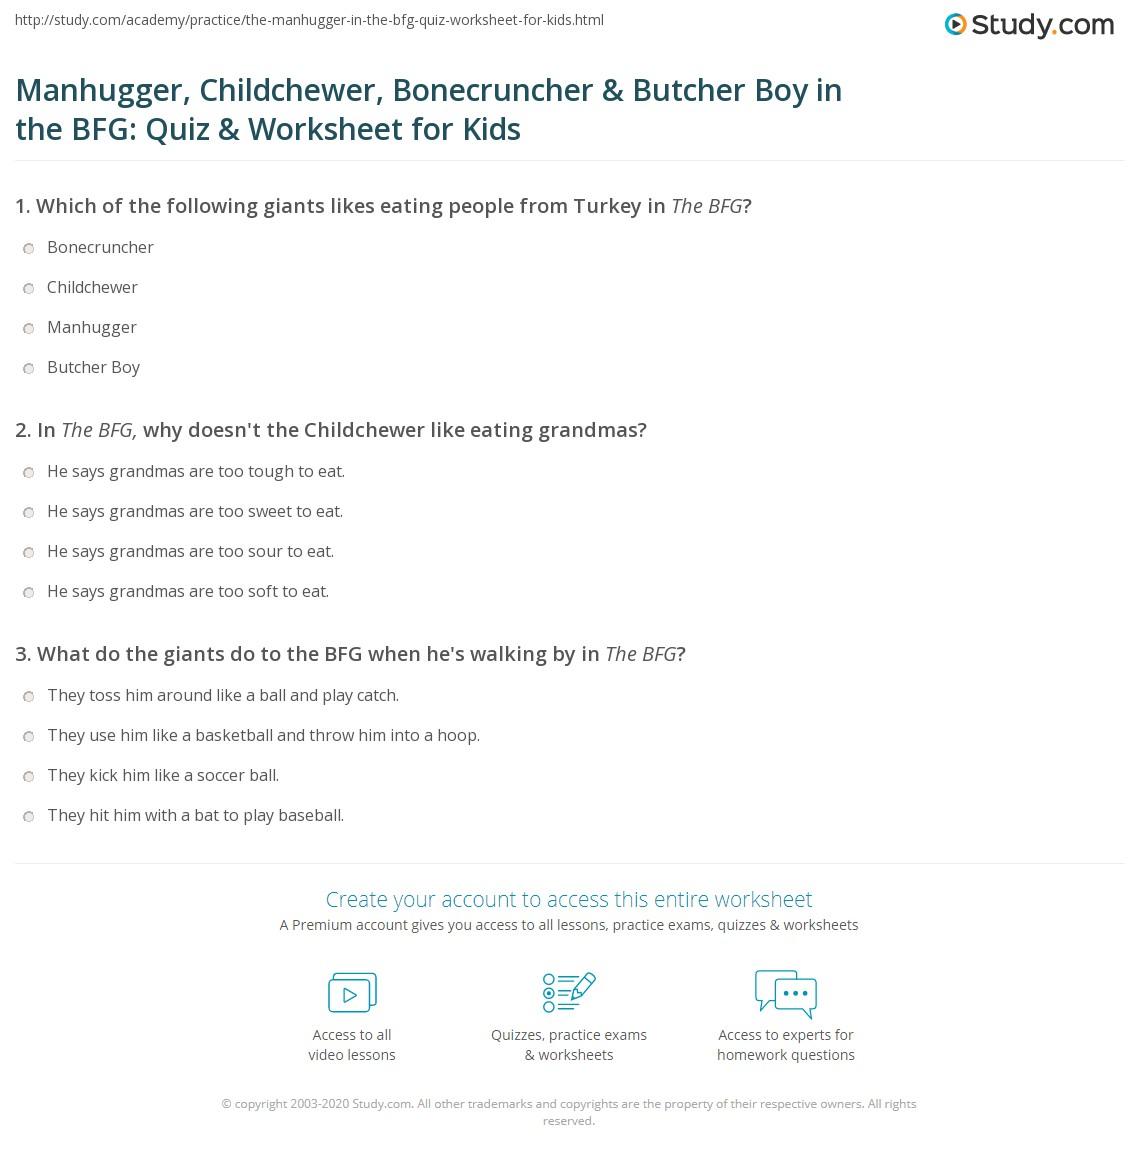 Manhugger Childchewer Bonecruncher Amp Butcher Boy In The